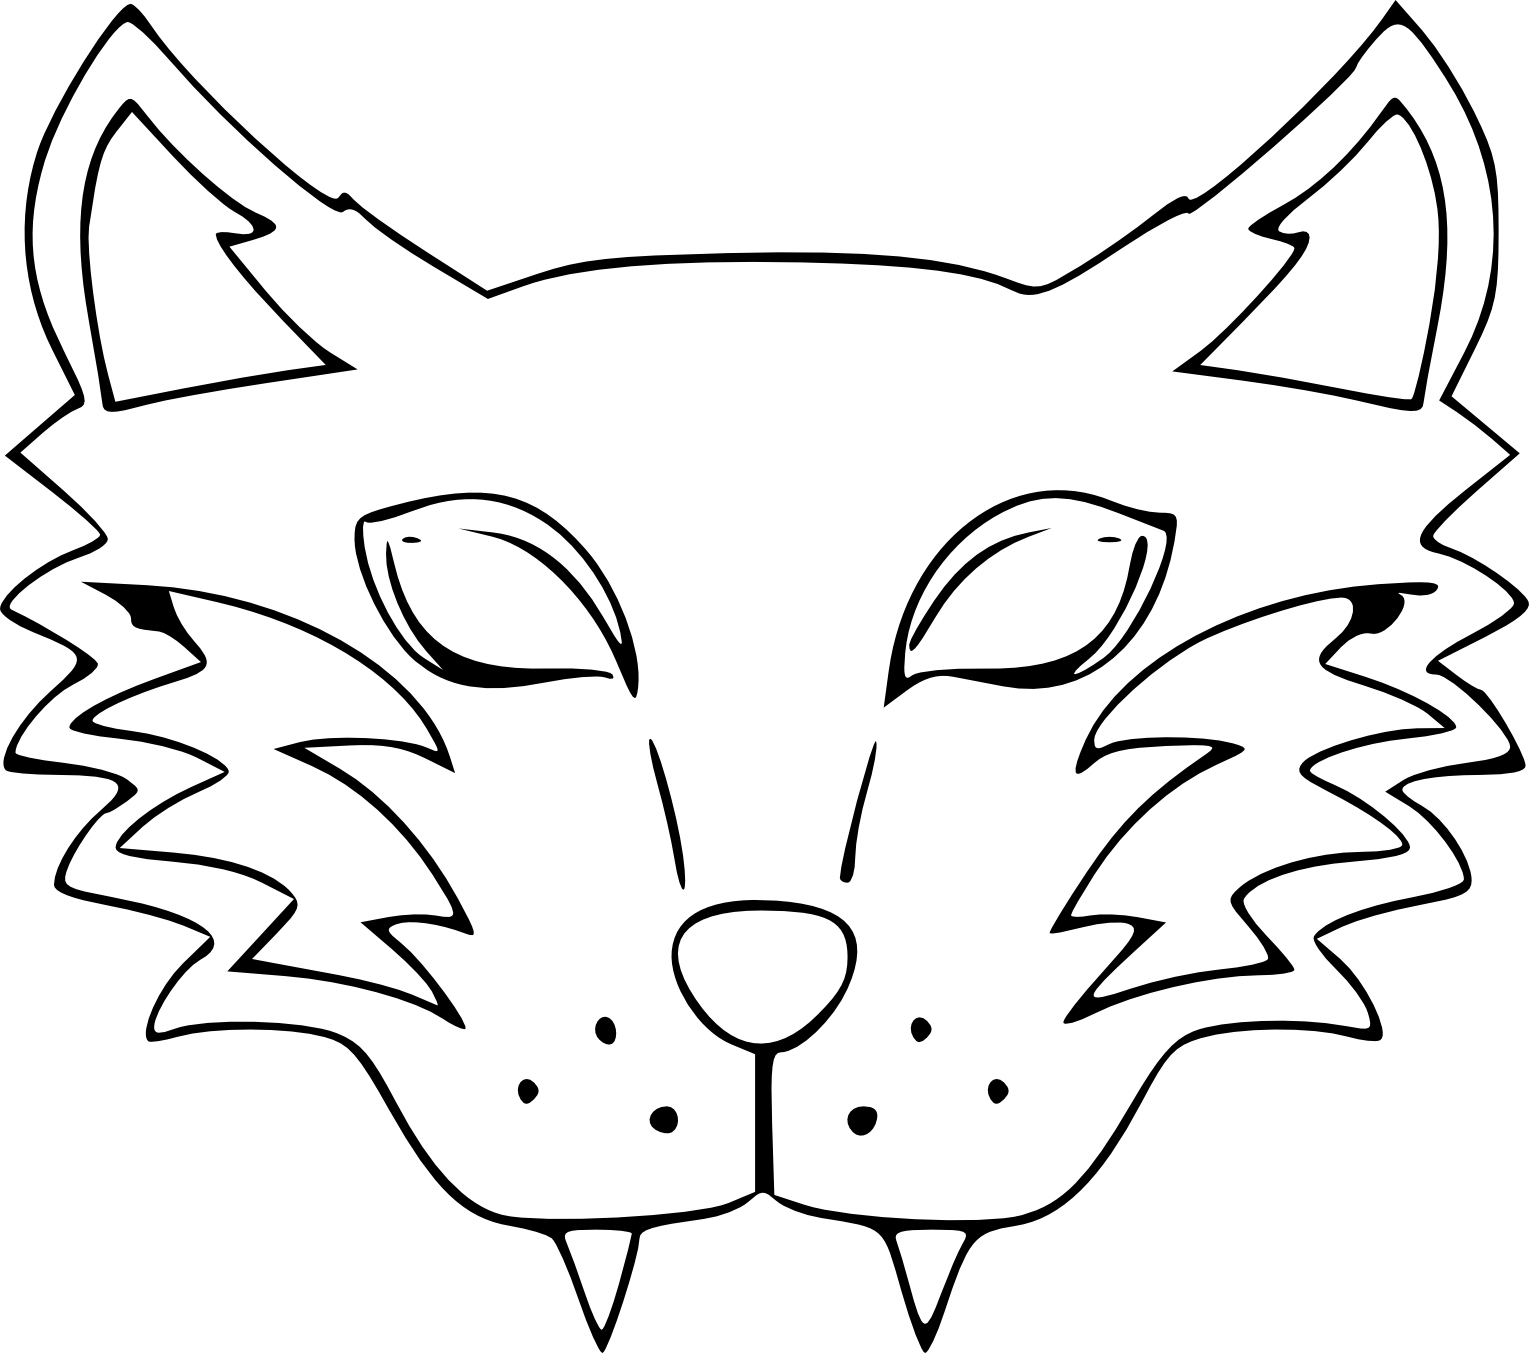 Coloriage Masque Loup-Garou À Imprimer dedans Masque Loup A Colorier